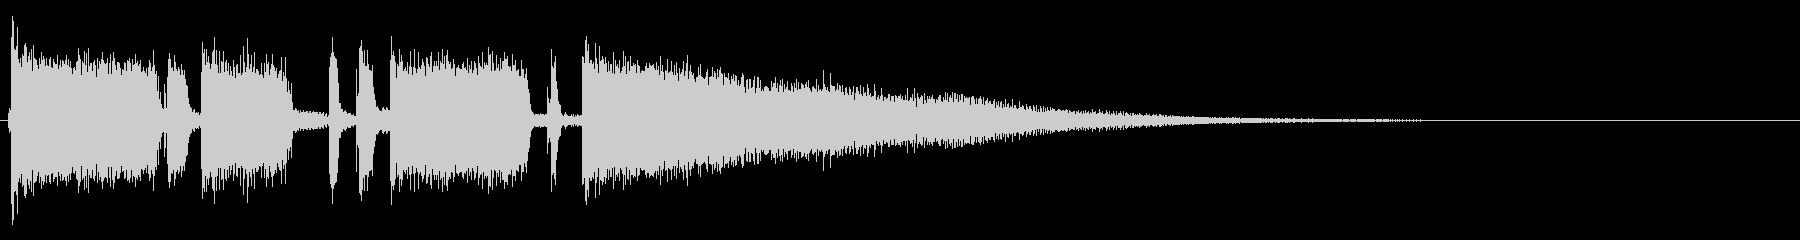 ディストーションギター ジングの未再生の波形